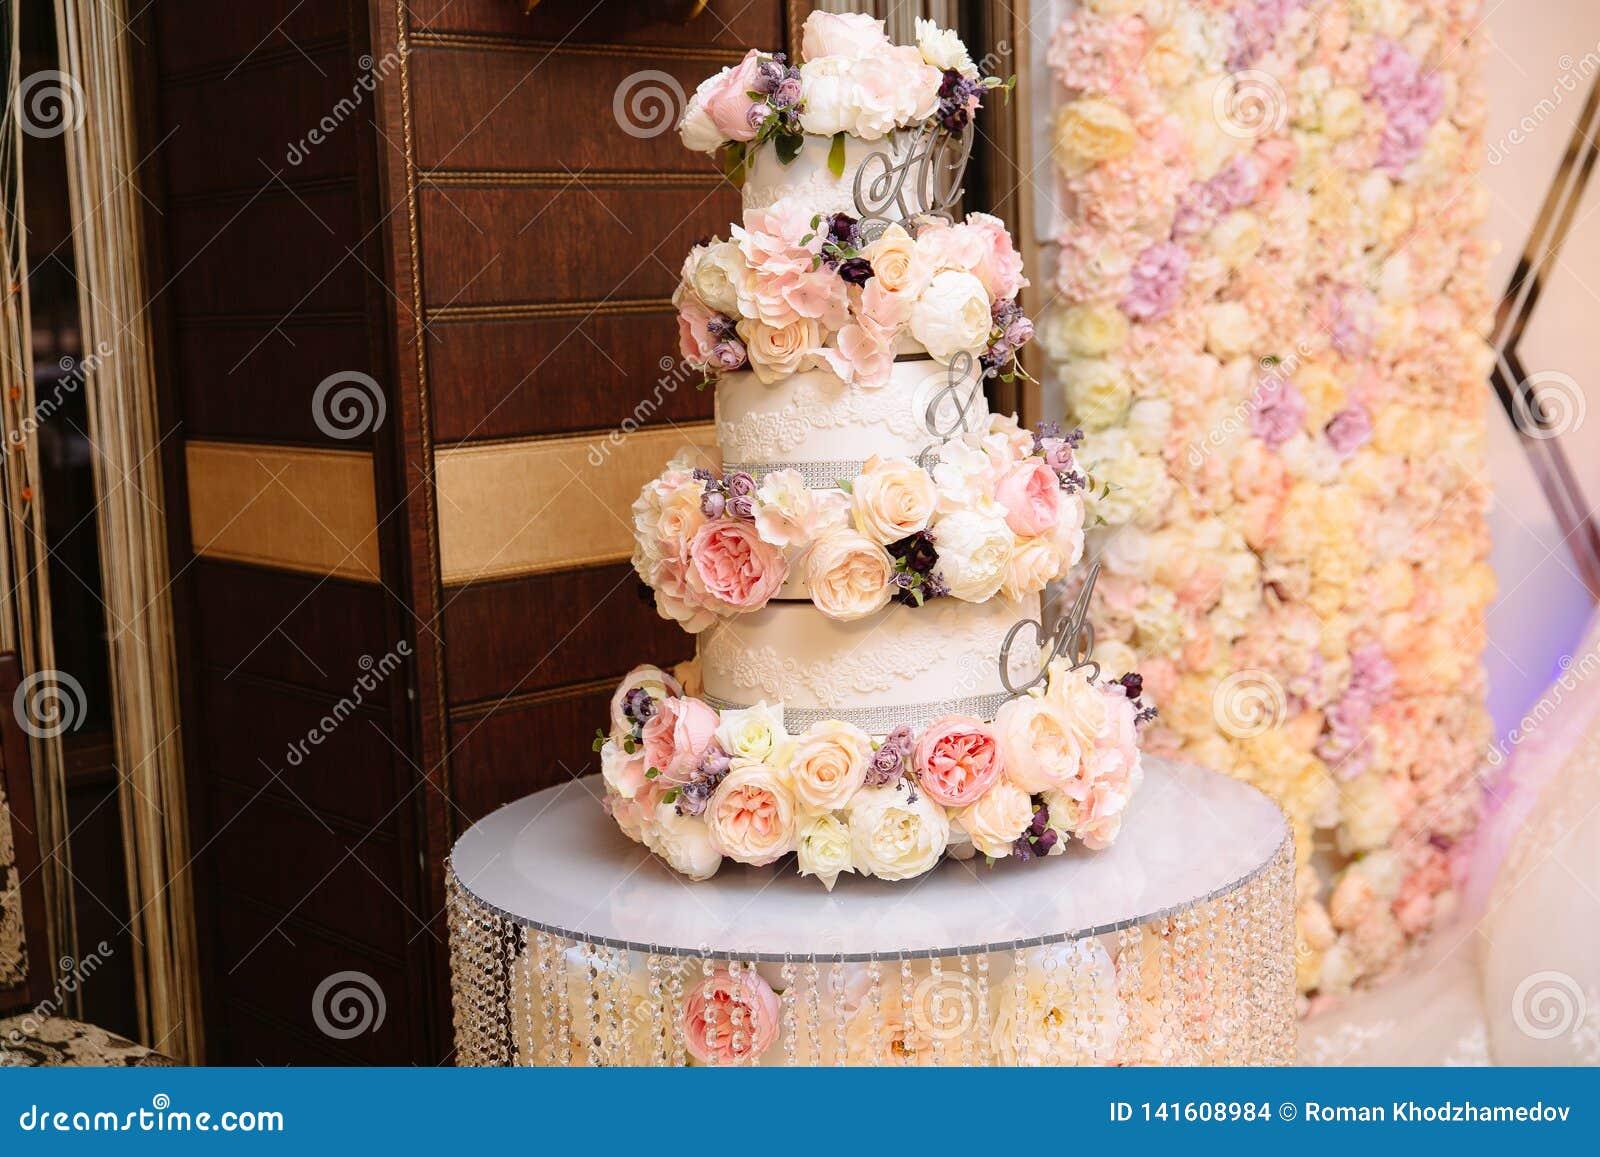 Mehrstufige Hochzeitstorte verziert mit Blumenständen auf einer Tabelle Konzept des Essens, der Bonbons und der Nachtische an ein